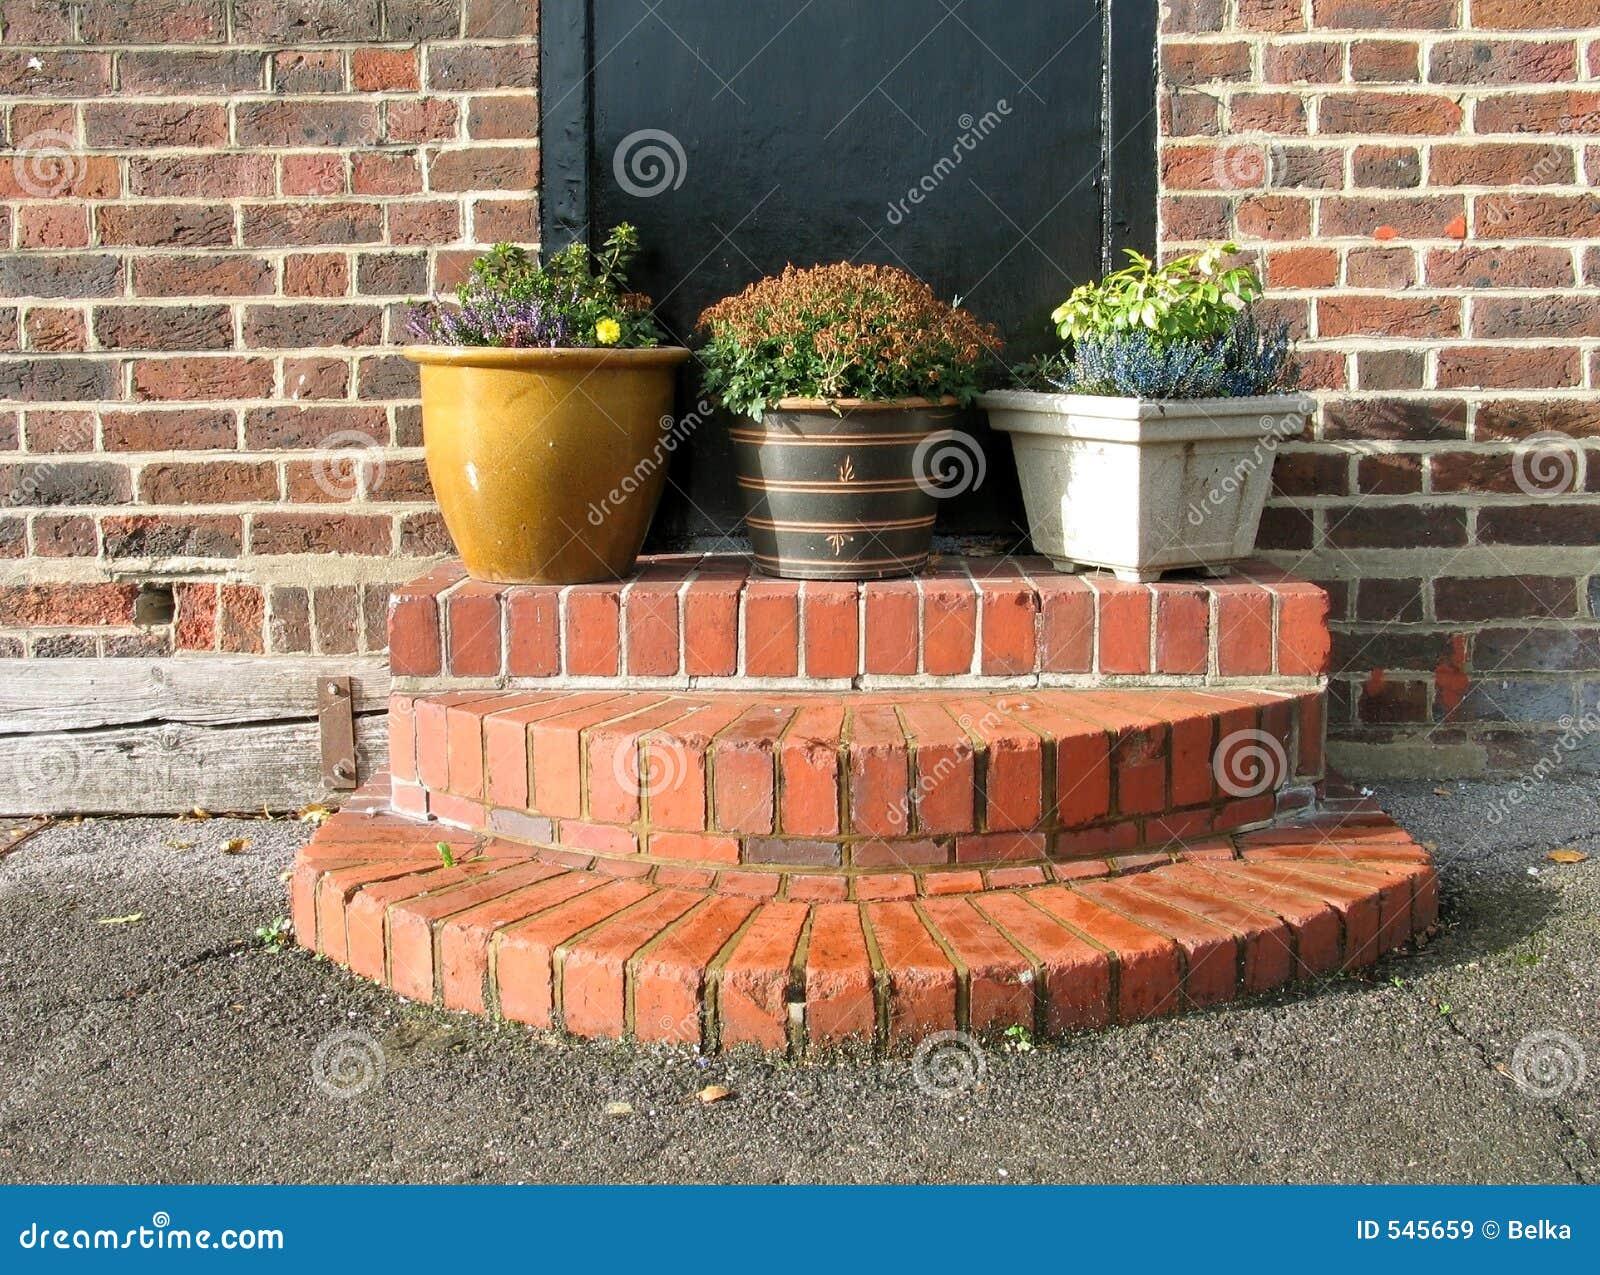 Download 小的庭院 库存图片. 图片 包括有 户外, 自治权, 叶子, 本质, 房子, 步骤, 模式, 英语, 英国, 瓦器 - 545659